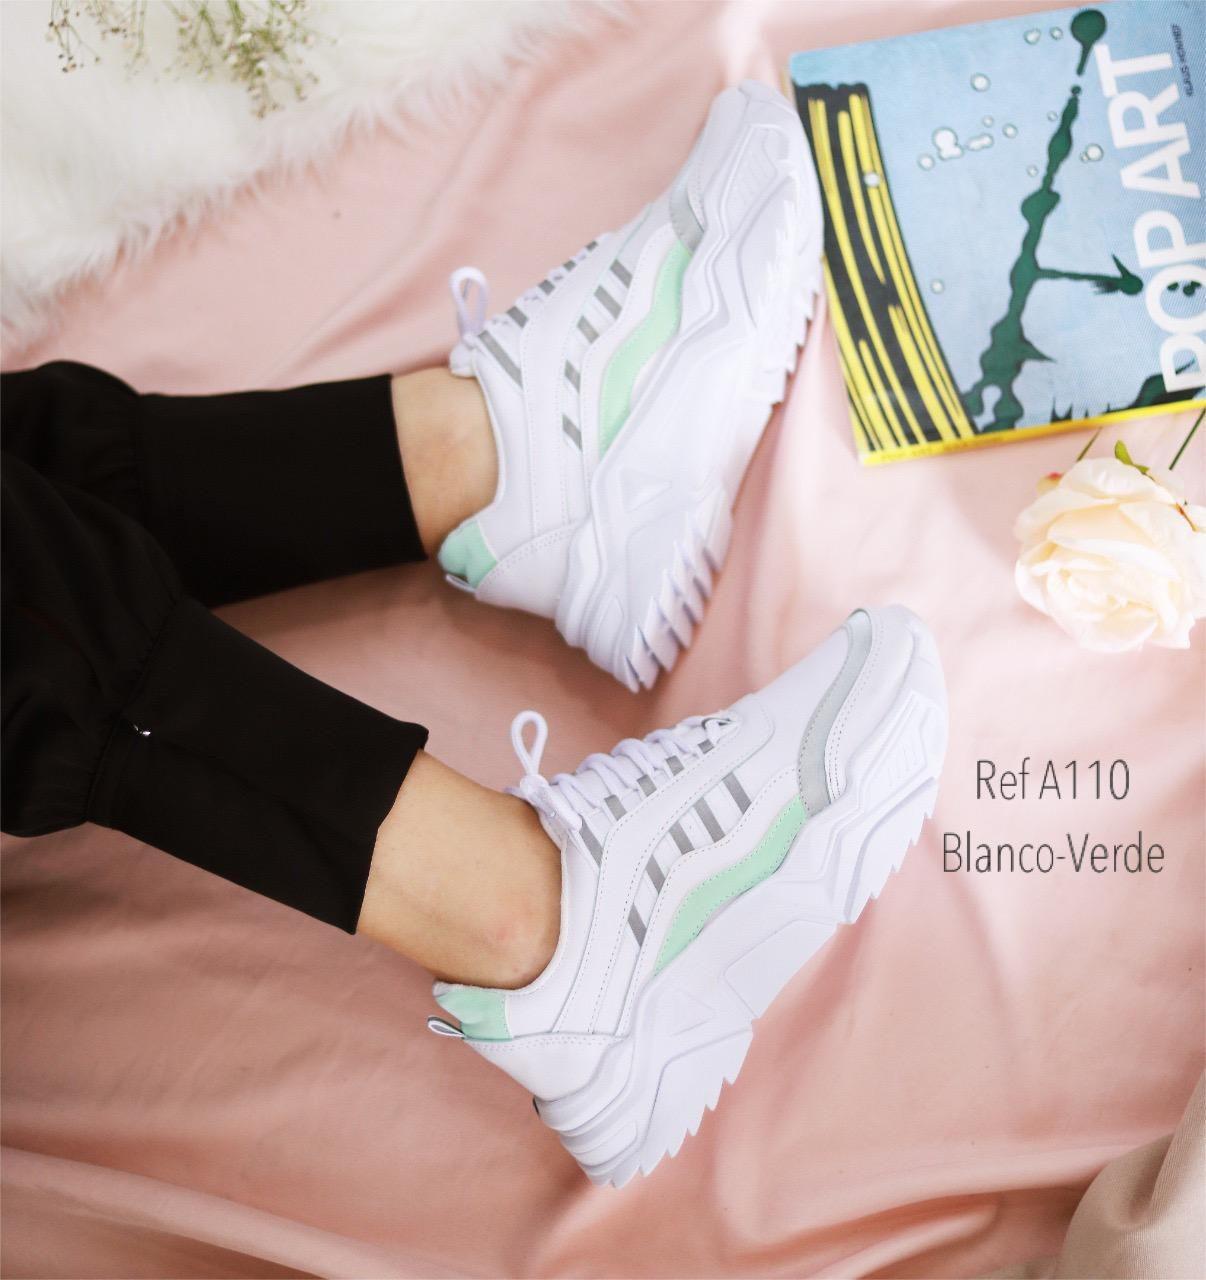 RefA-110 Blanco- verde